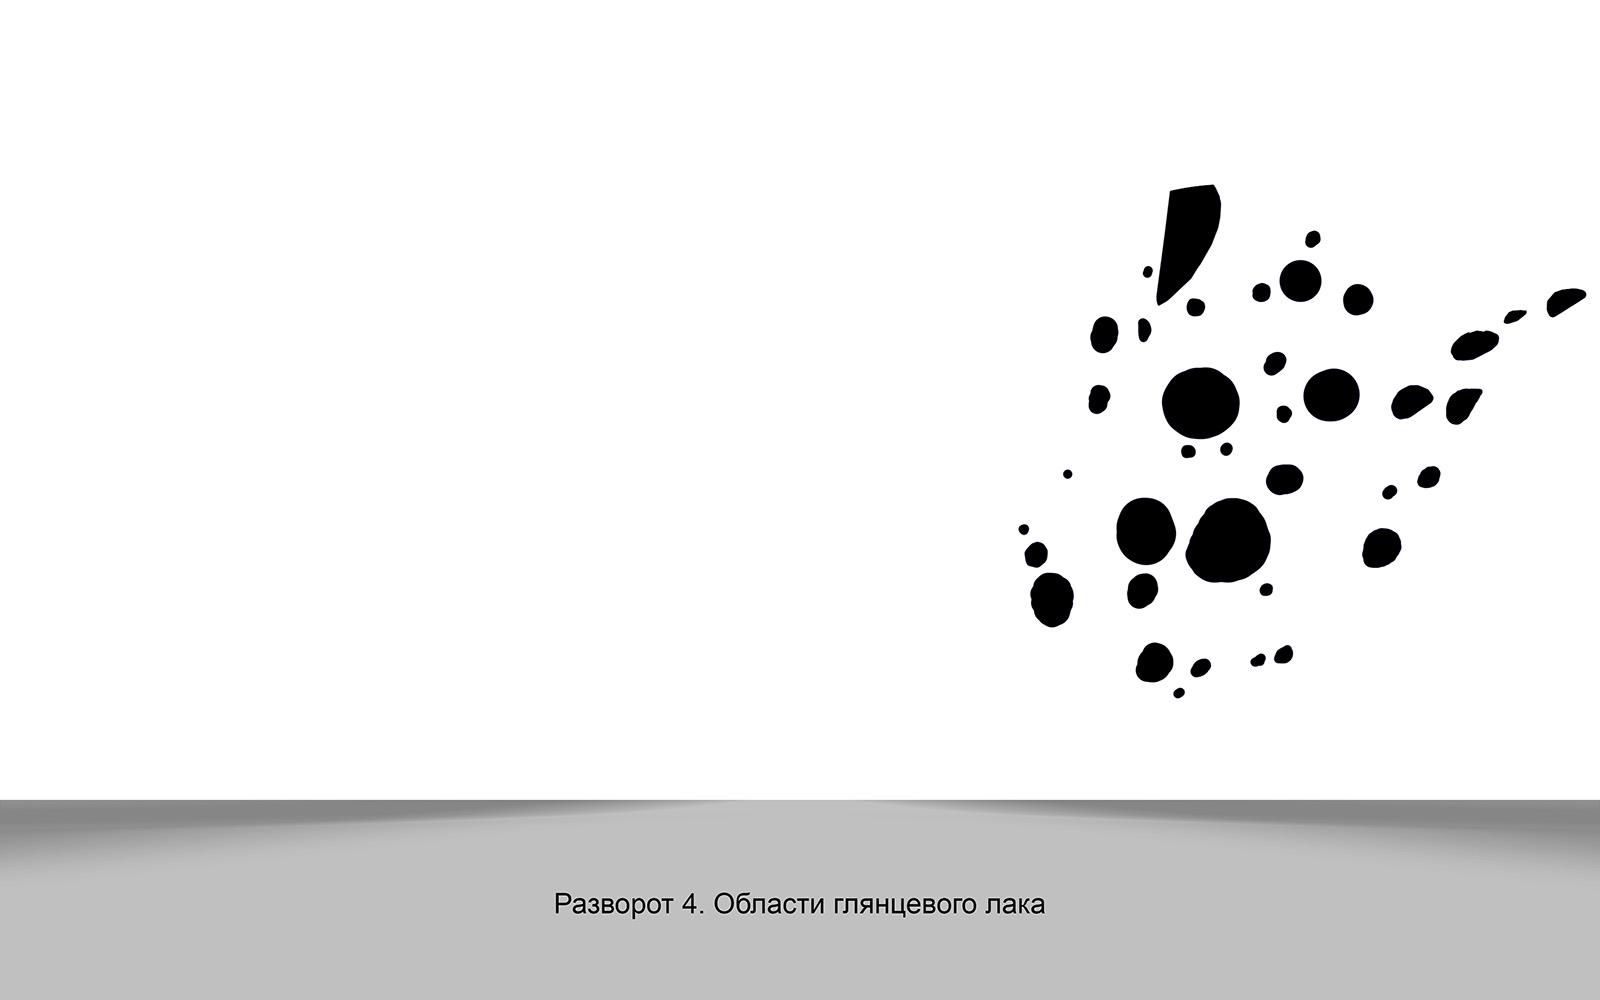 Дизайн рекламной брошюры возможностей типографии фото f_1005648d4fa64daa.jpg